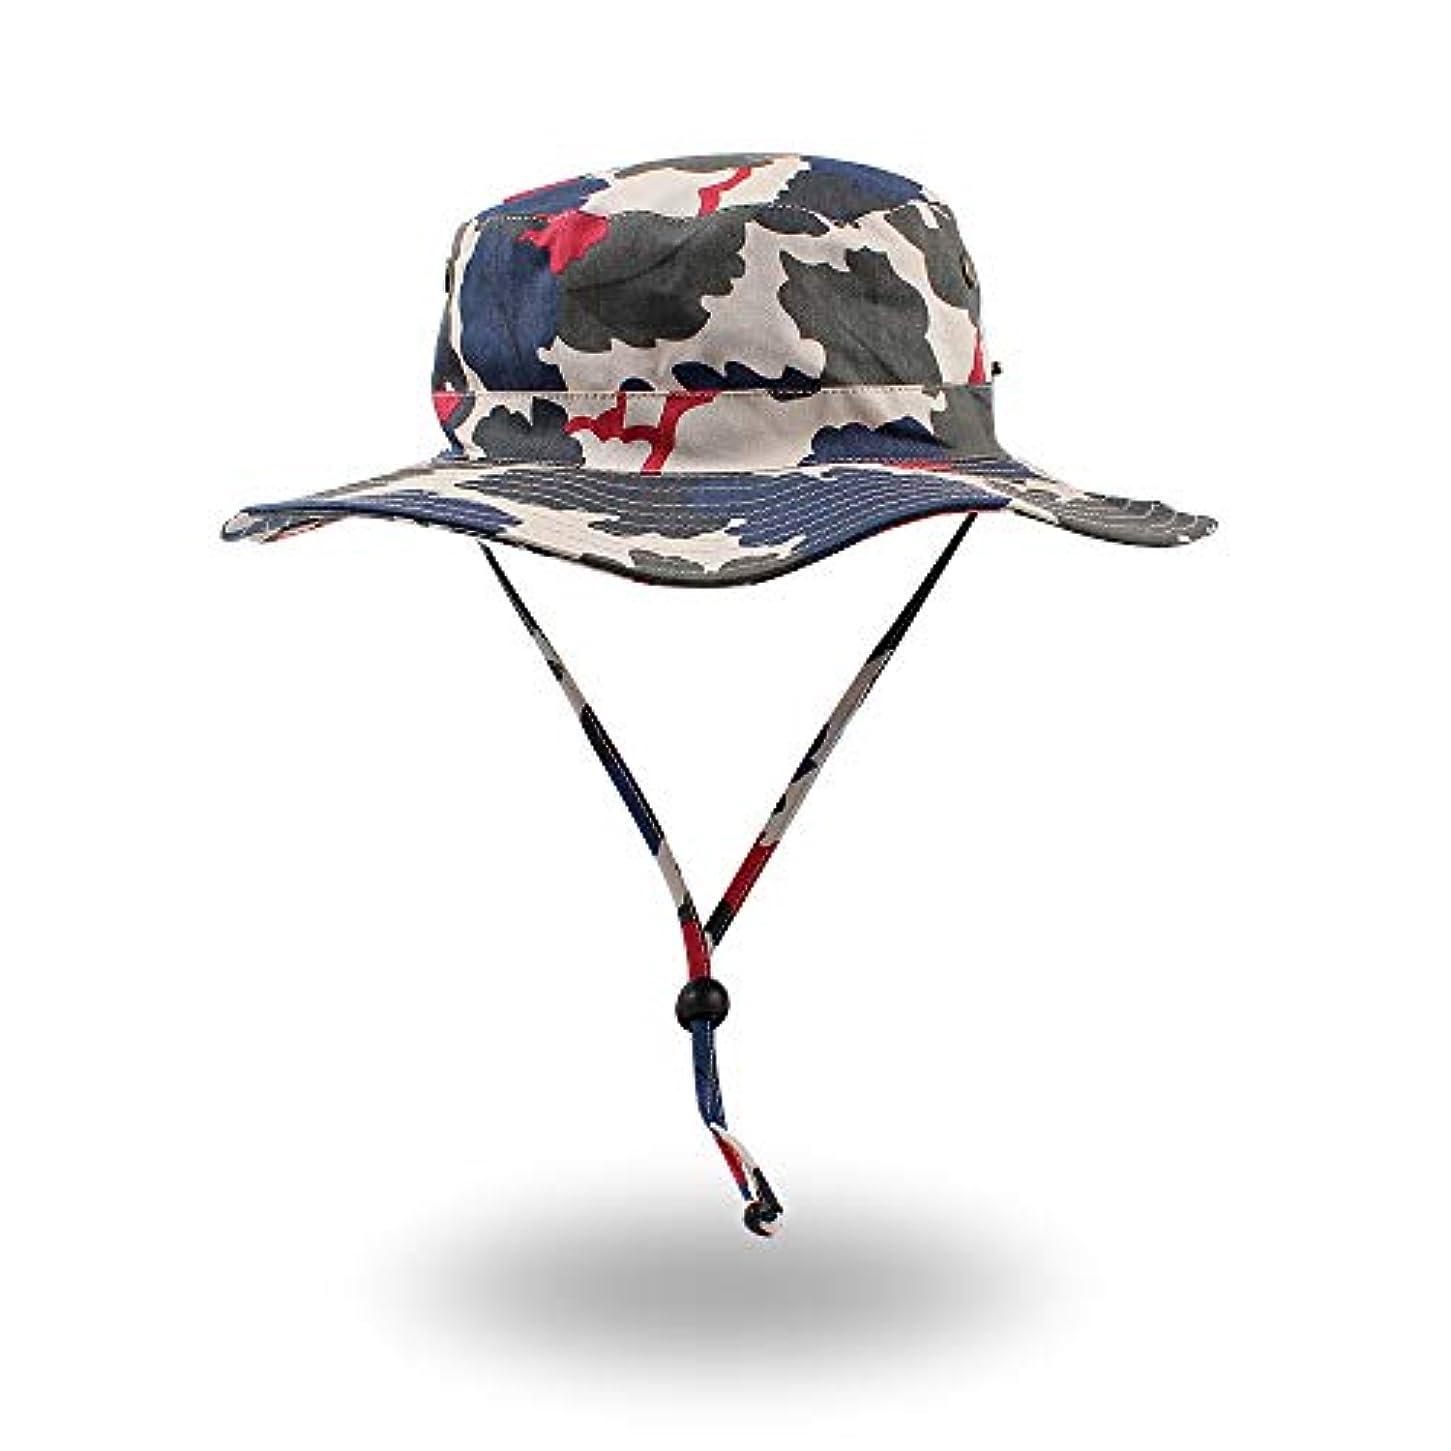 アプローチ大胆な細心のOMUKYアウトドア帽子 メンズ サファリハット 大きいサイズ アウトドア ハット 迷彩柄 2WAYメンズ 帽子 ダックコットン 日よけ 紫外線対策 通気性よく あご紐付き アウトドア 釣り ハイキング 登山 メンズ レディース バケットハット